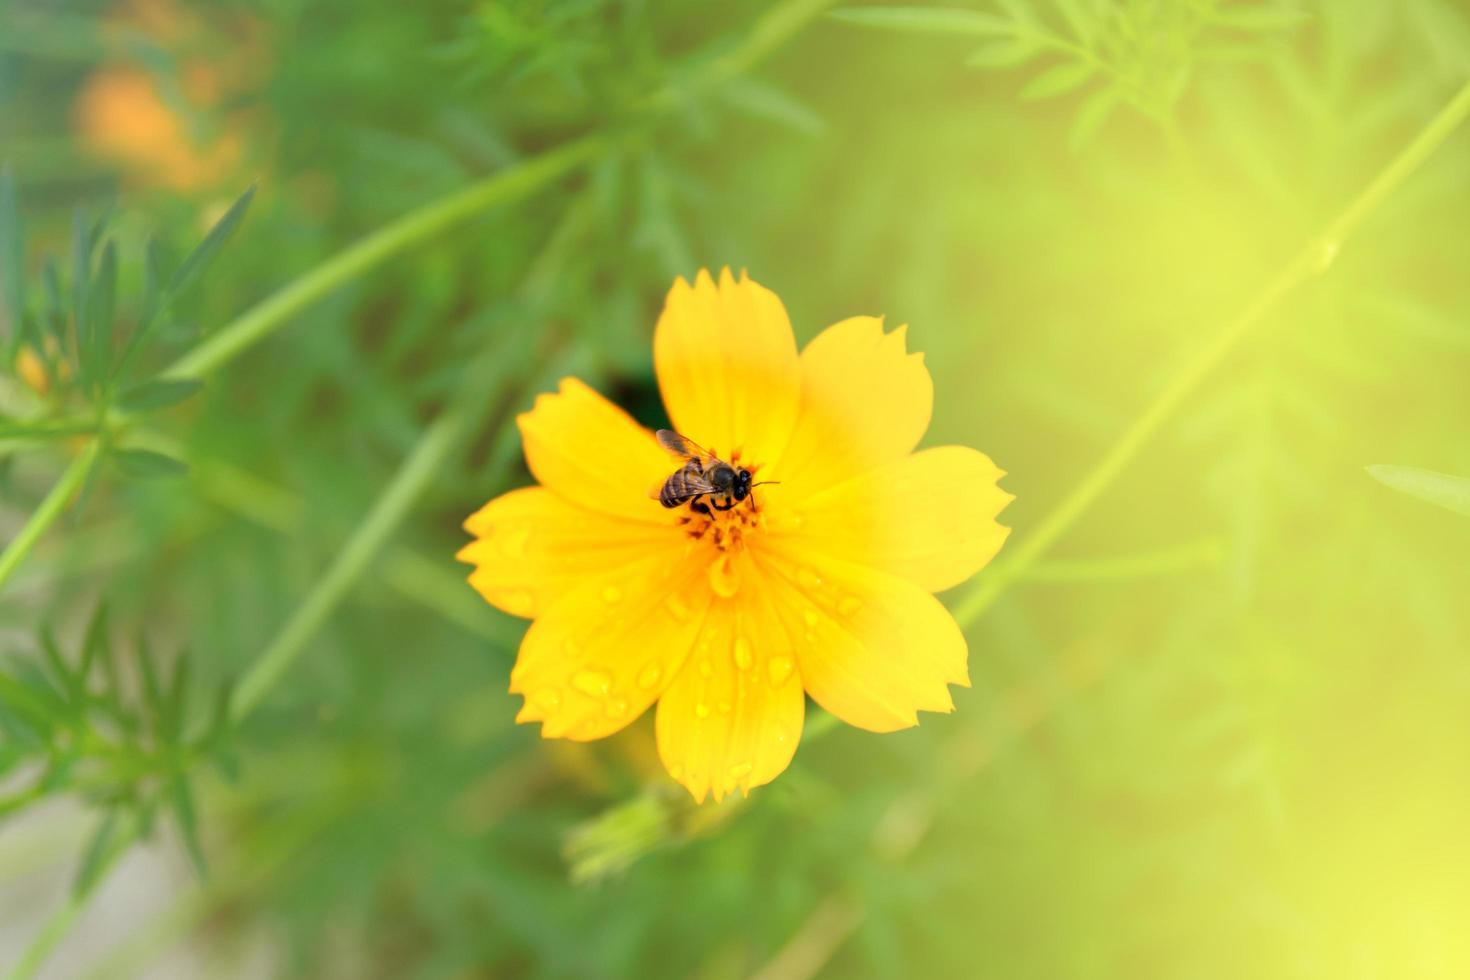 un'ape visita un fiore dell'universo foto